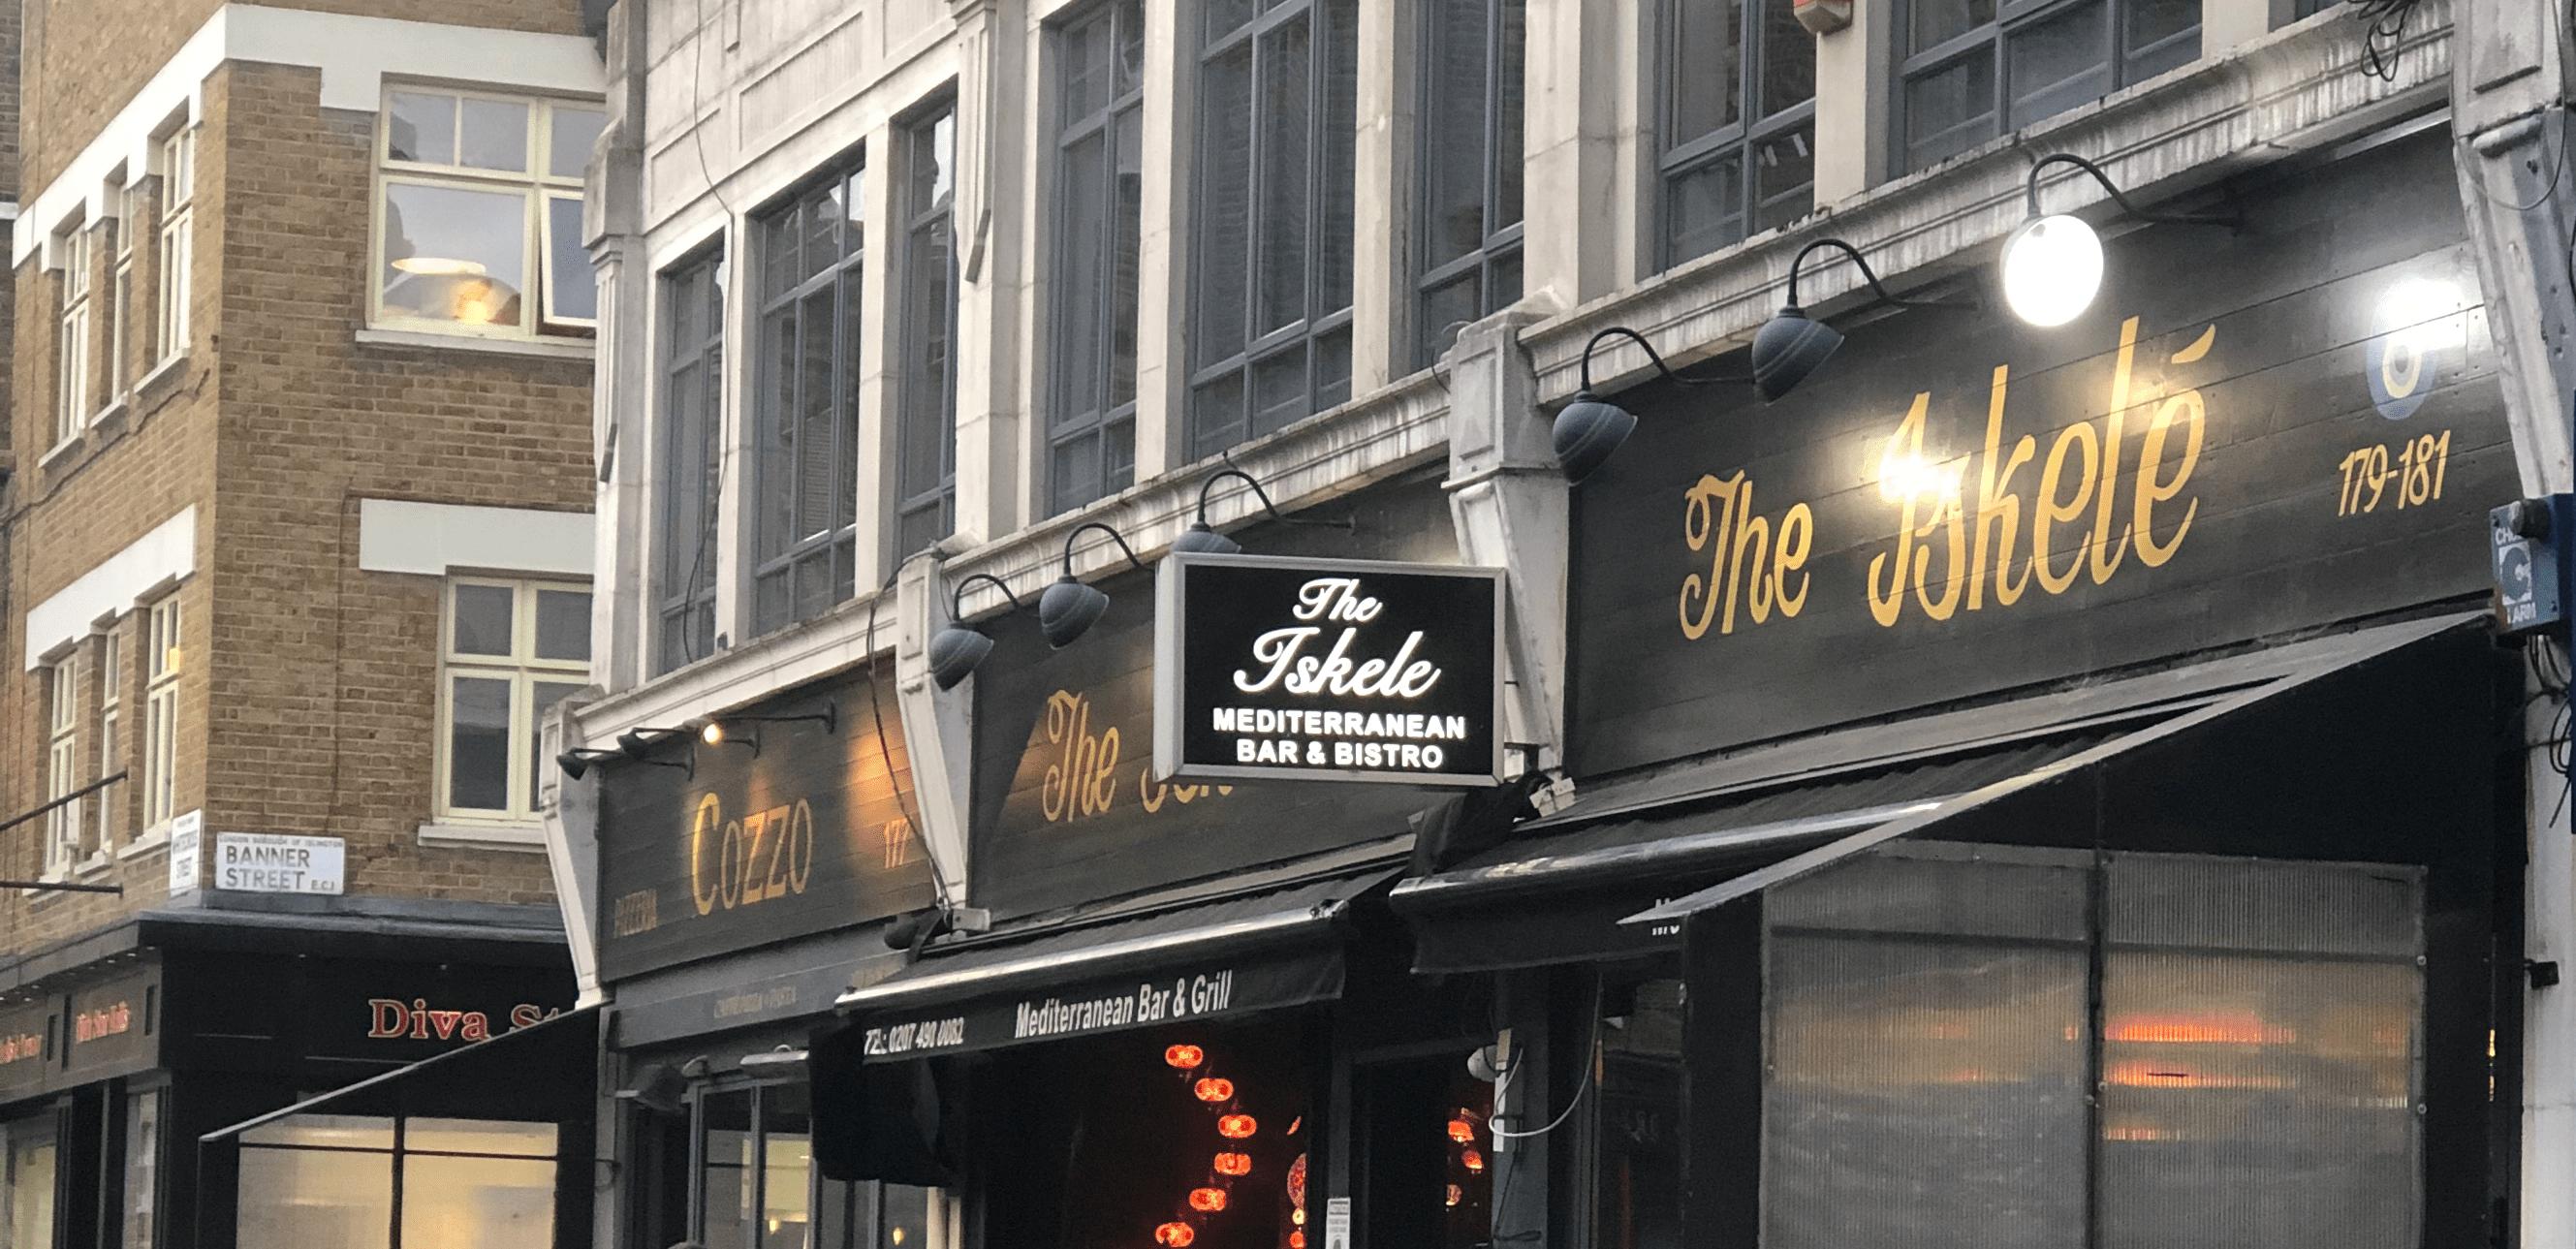 The Iskelé Restaurant & Bar